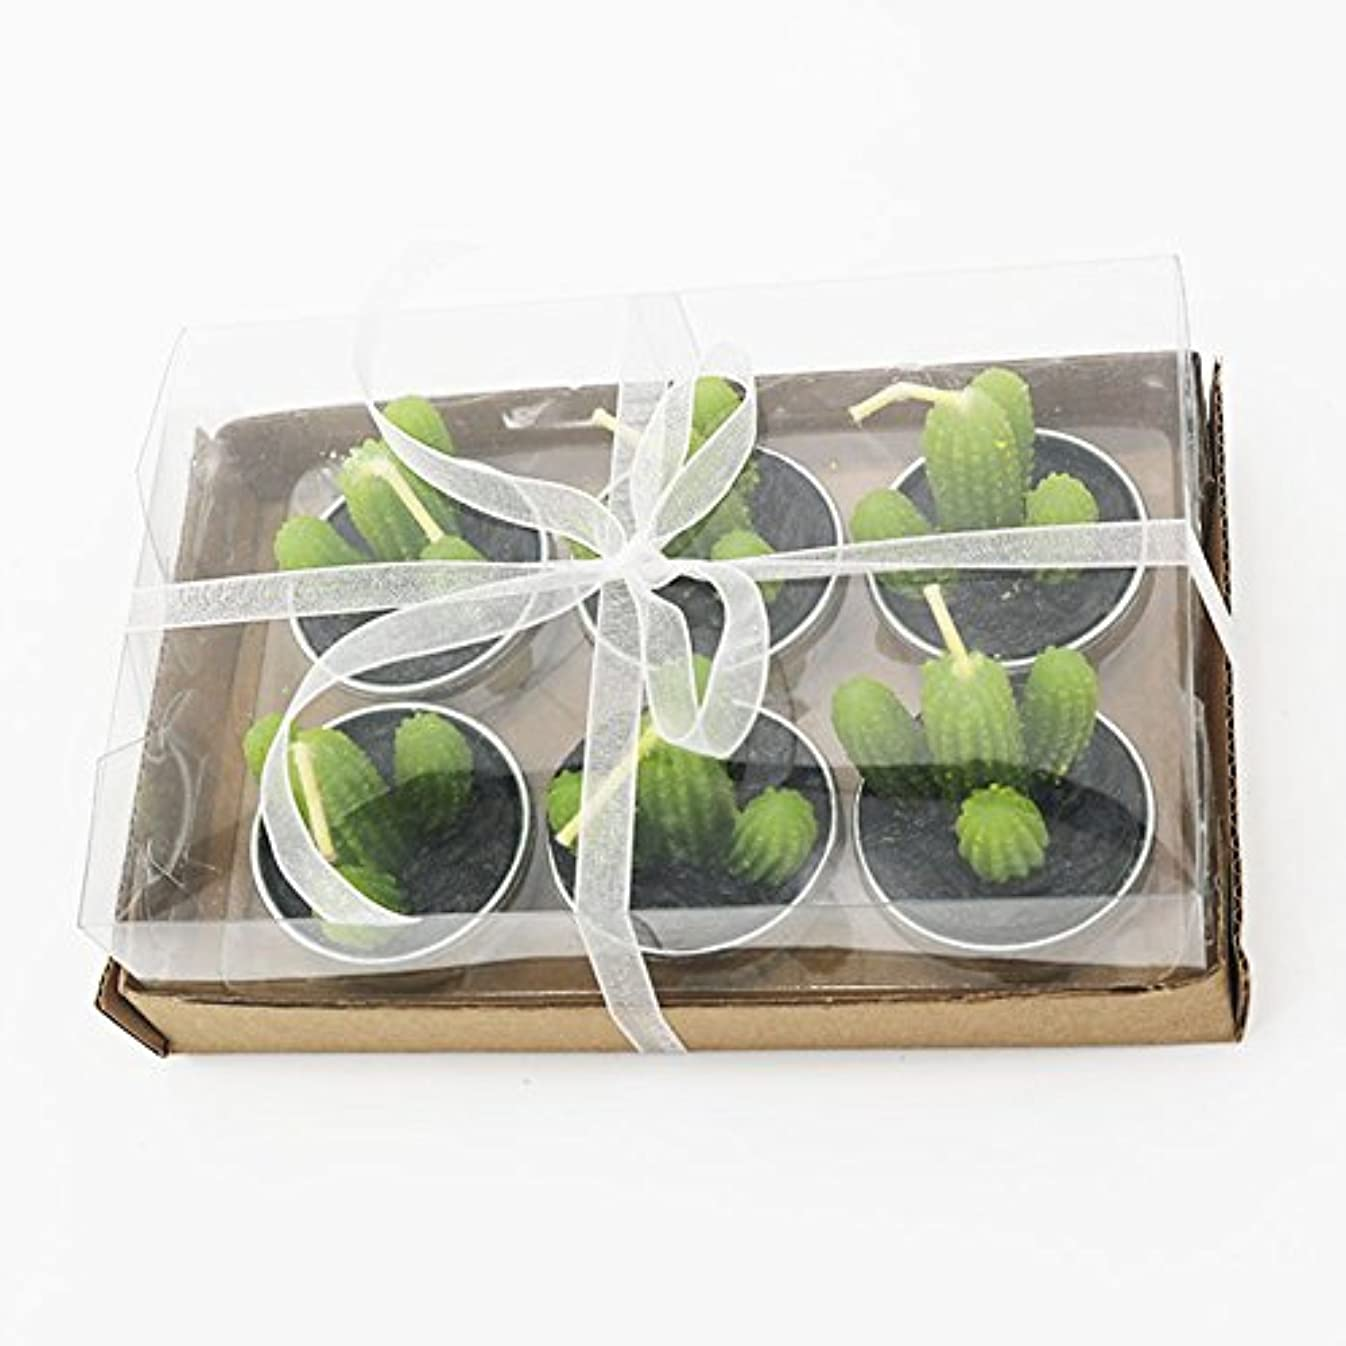 積分ホール役割Liebeye キャンドル 多肉植物スモークフリーのクリエイティブなキャンドル100%自然のワックスかわいい模造植物フルーツの形状低温キャンドル 6個/箱 カクタス?ボックス